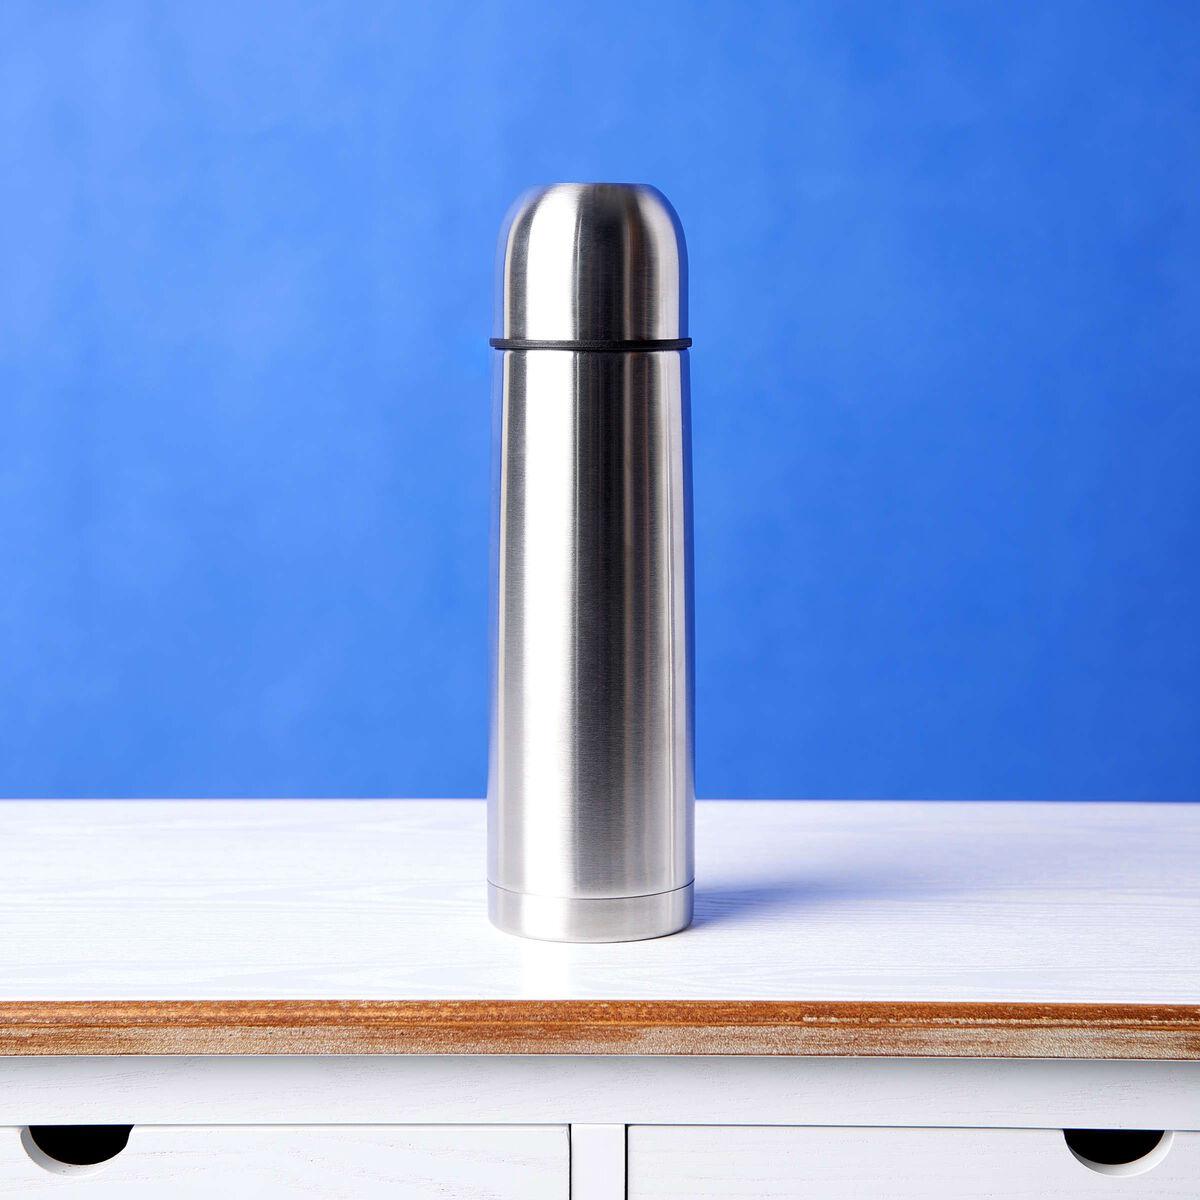 barrie isolierkanne silber f llmenge 0 5l butlers. Black Bedroom Furniture Sets. Home Design Ideas